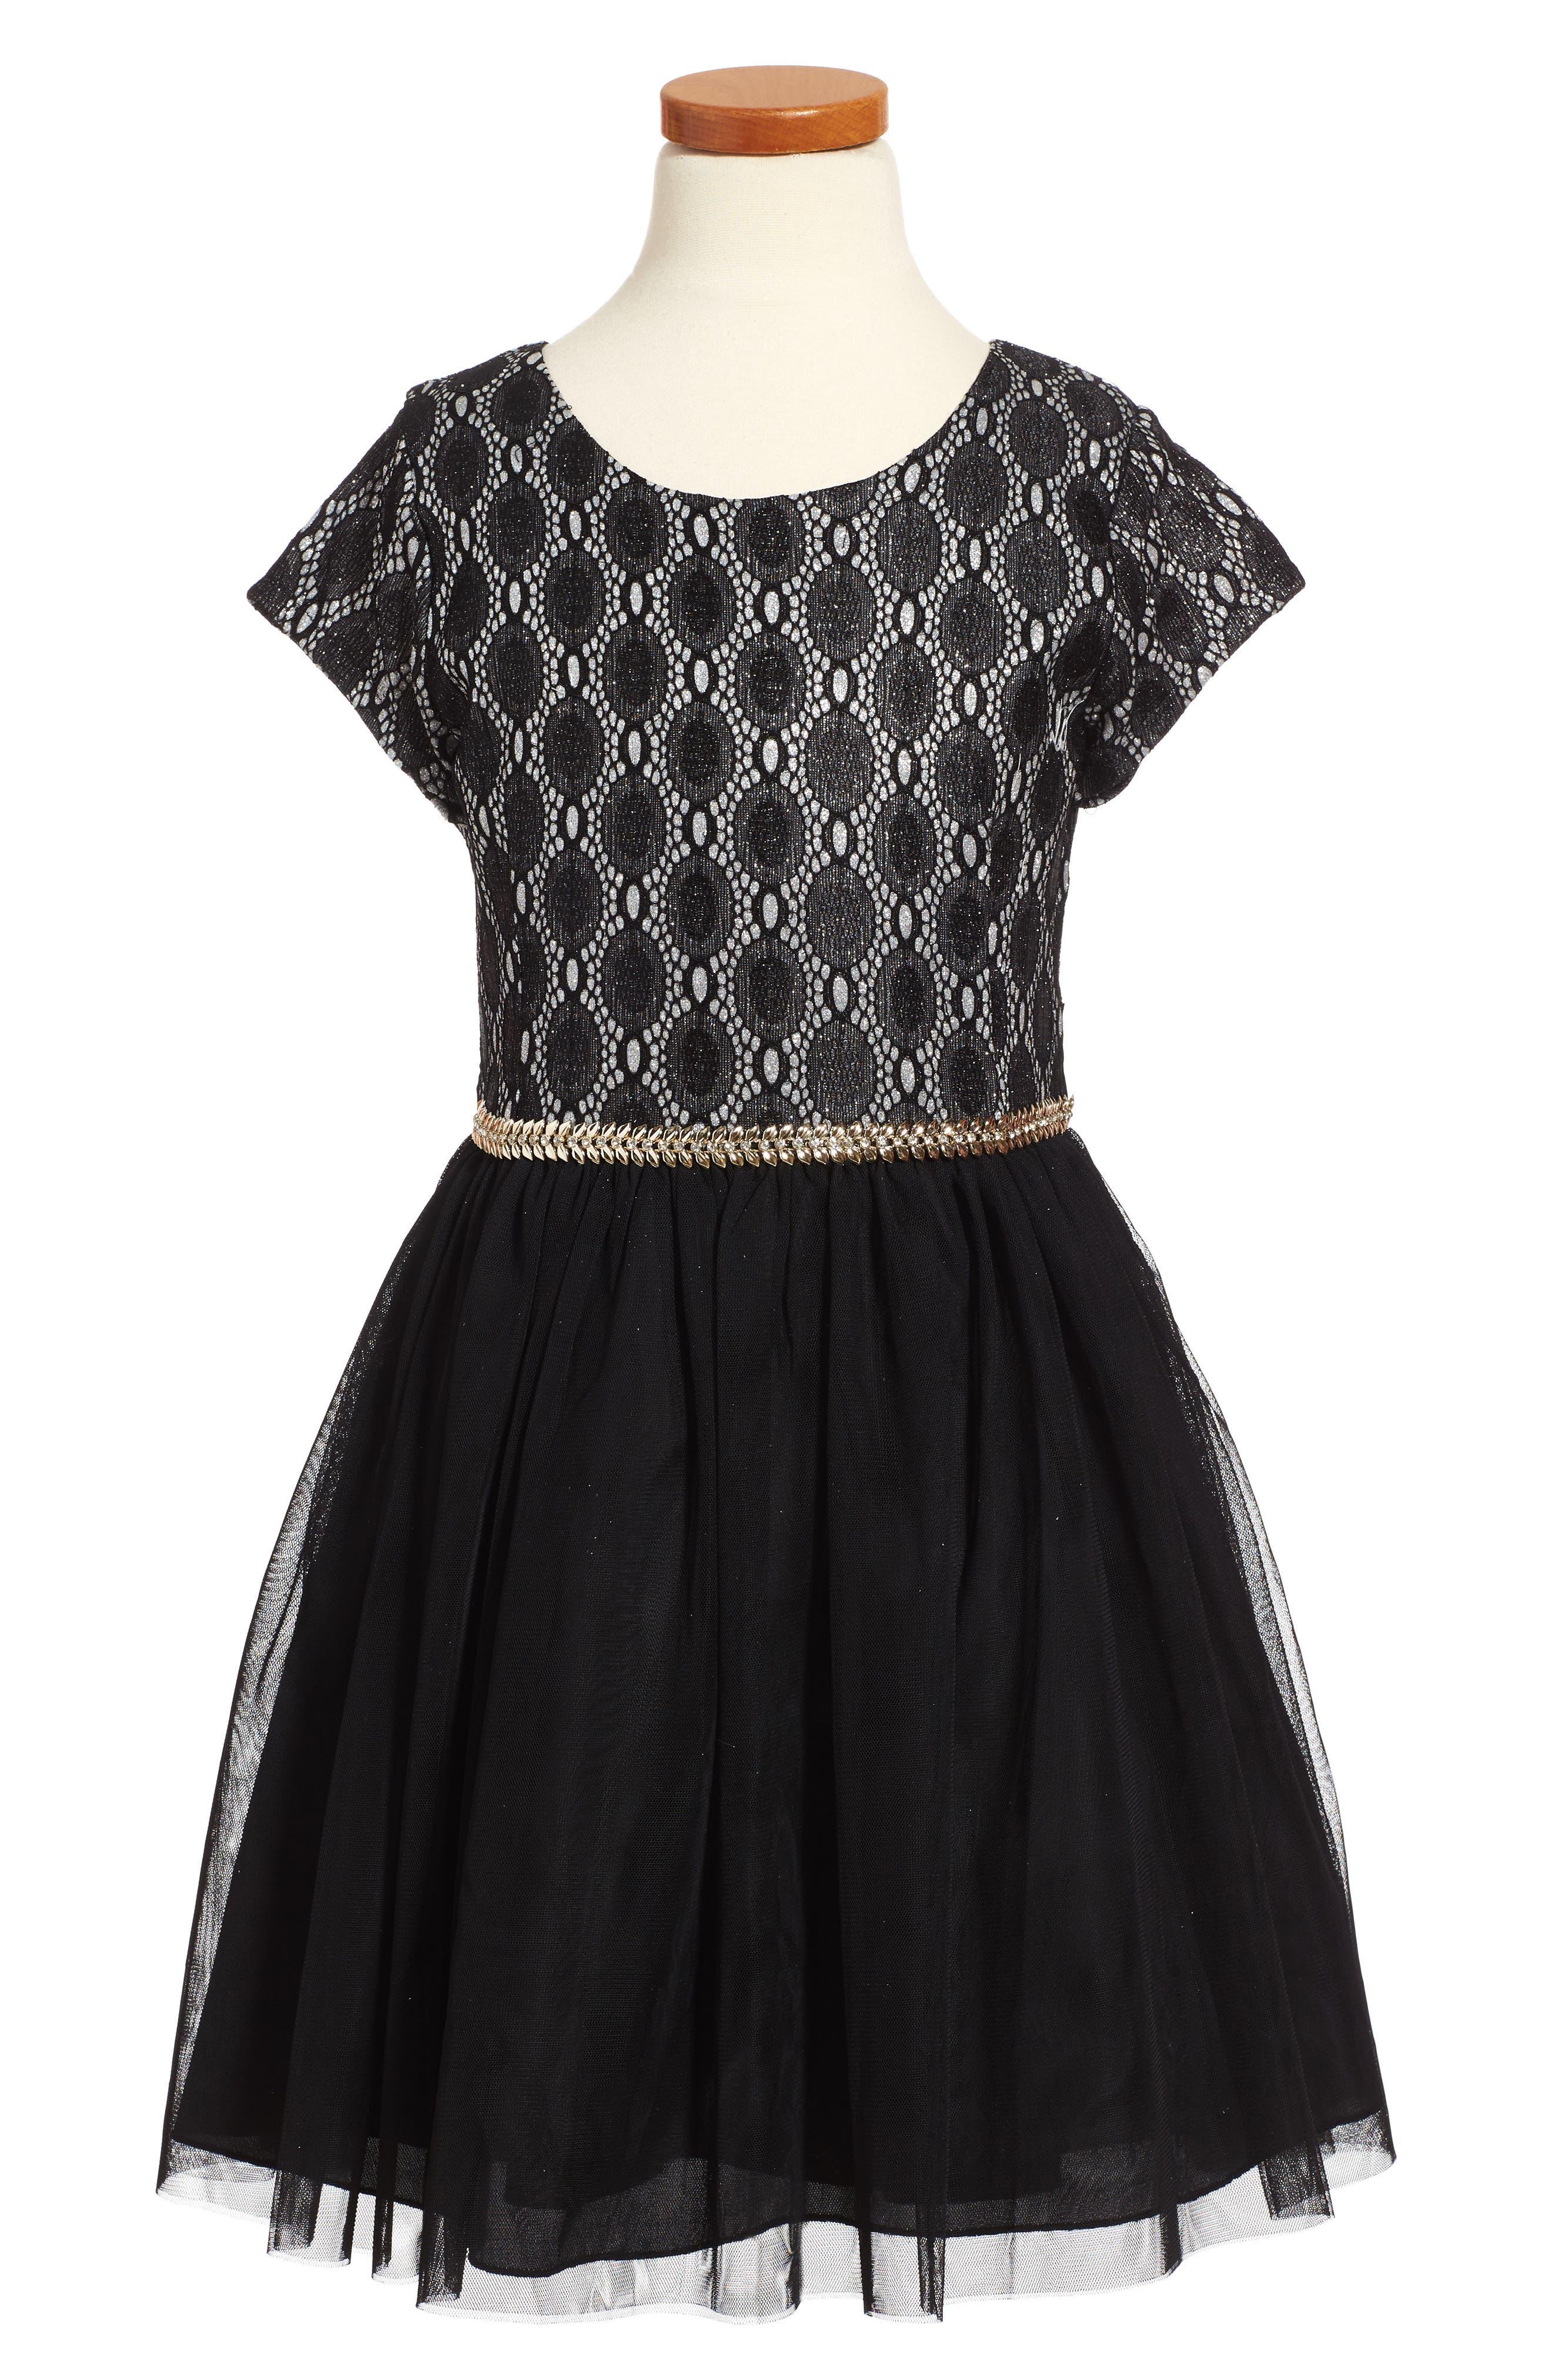 Main Image - Nanette Lepore Glitter Lace Dress (Big Girls)